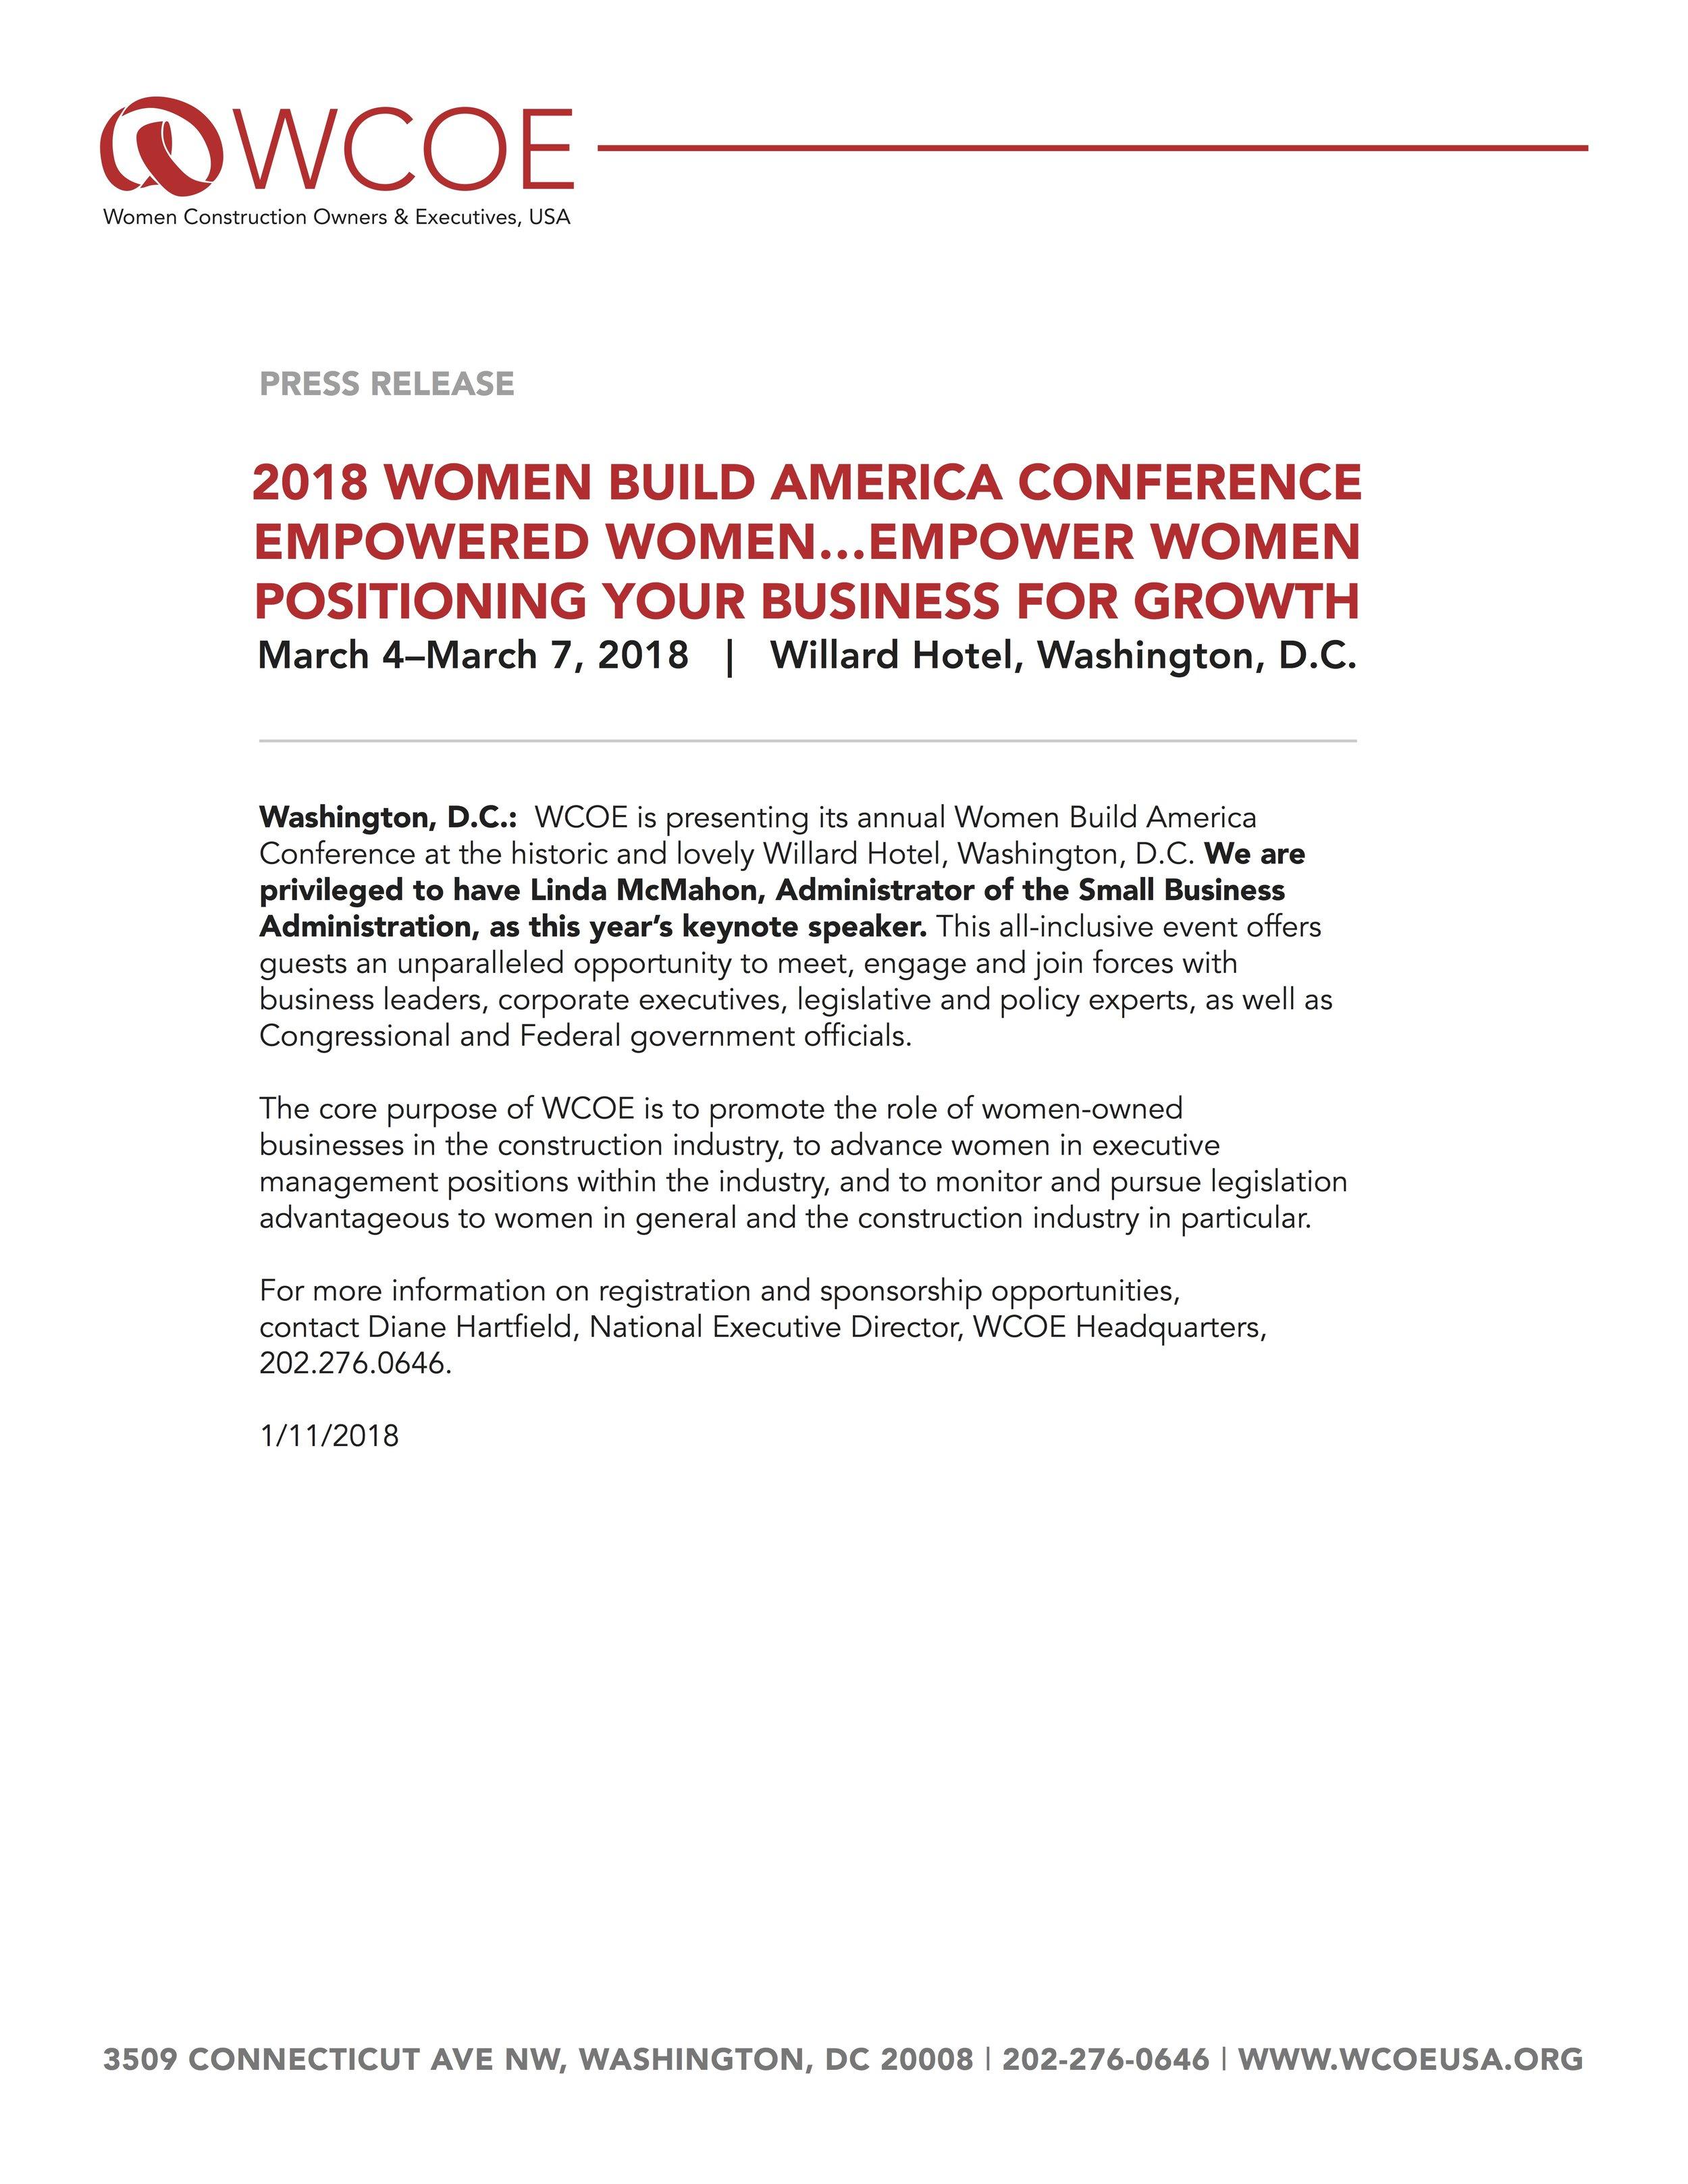 2018-WCOE-women-build-america-press-release.jpg